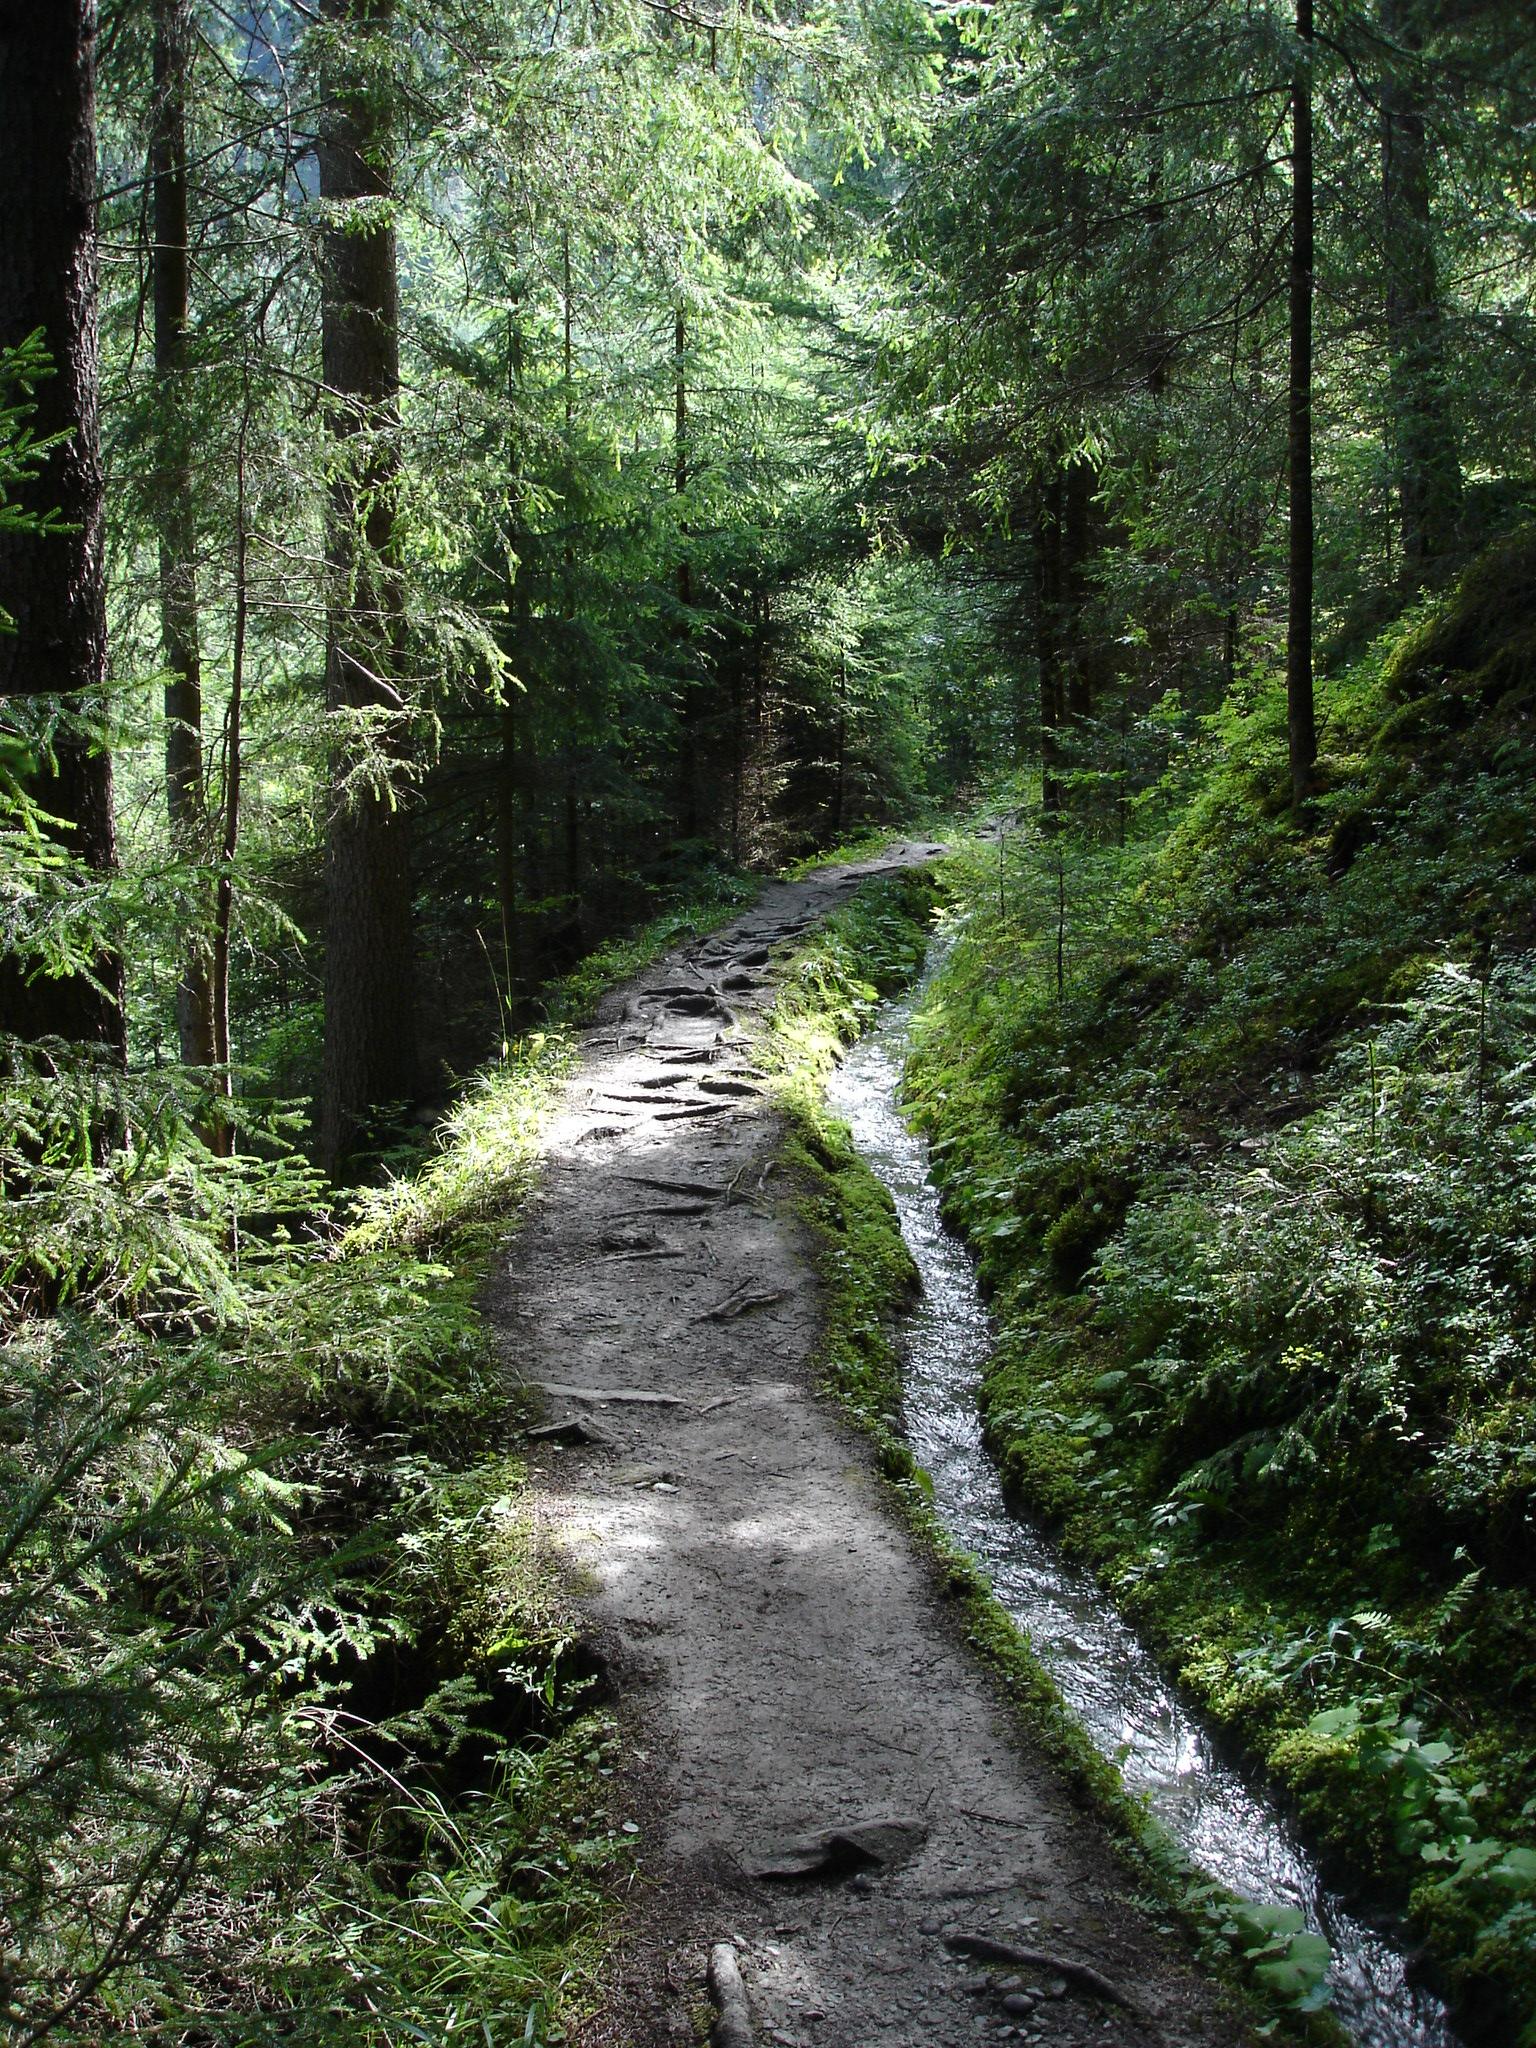 http://fc02.deviantart.com/fs19/f/2007/301/6/4/one_path____by_p3aNutBuTTer.jpg